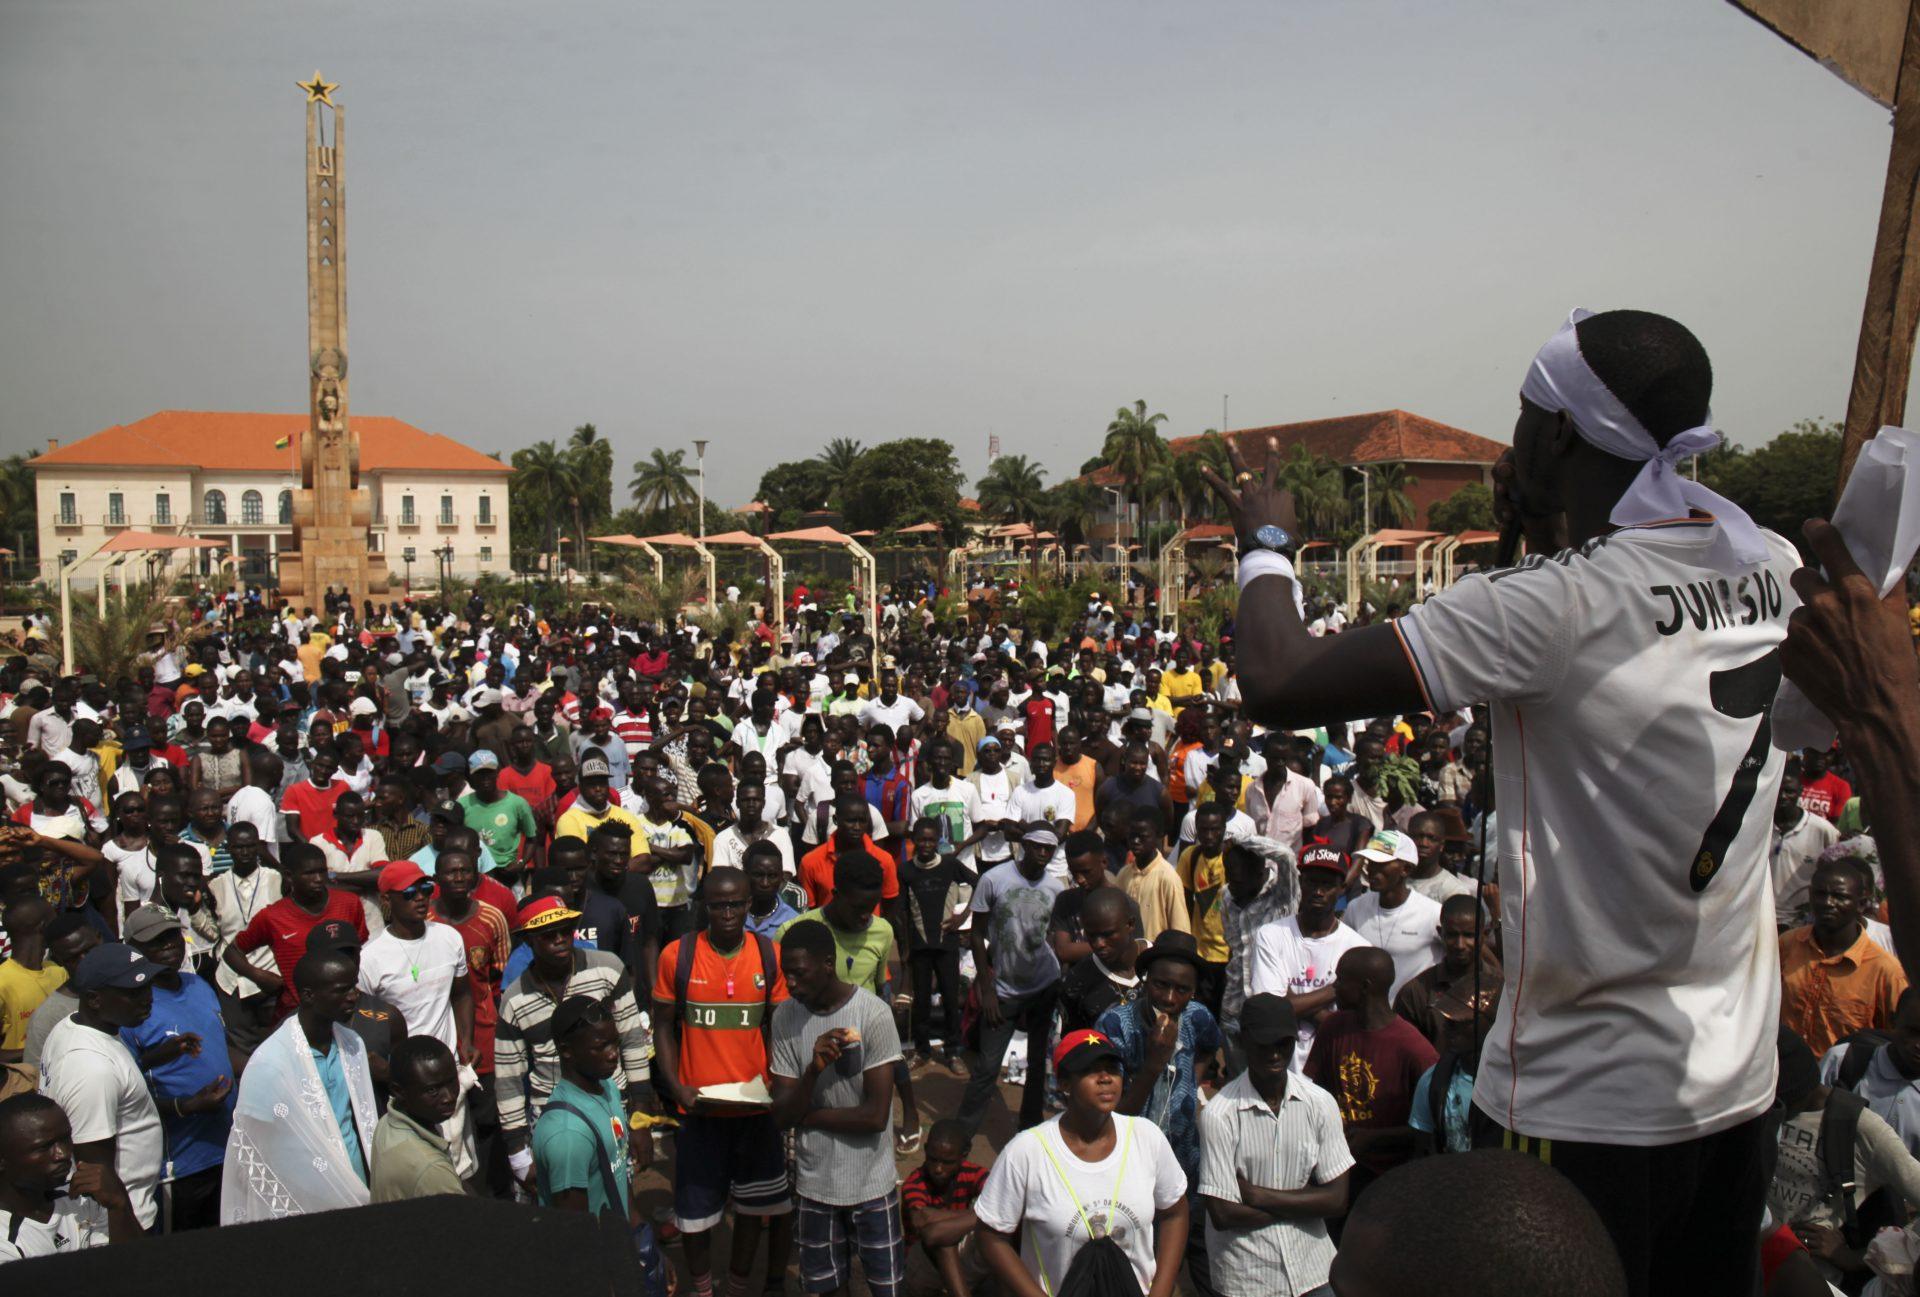 """O Movimento de Cidadãos Conscientes e Inconformados exigiu hoje a demissão do Presidente da Guiné-Bissau, José Mário Vaz, que acusa de ser o """"principal responsável"""" pela crise política no país.O Movimento, constituído na sua maioria por jovens, juntou centenas de pessoas numa manifestação pacífica que percorreu a principal avenida da capital guineense, seguindo do Palácio do Governo, no bairro de Brá, até à Praça dos Heróis Nacionais, 11 de novembro de 2016, Bissau. LUÍS FONSECA/LUSA"""